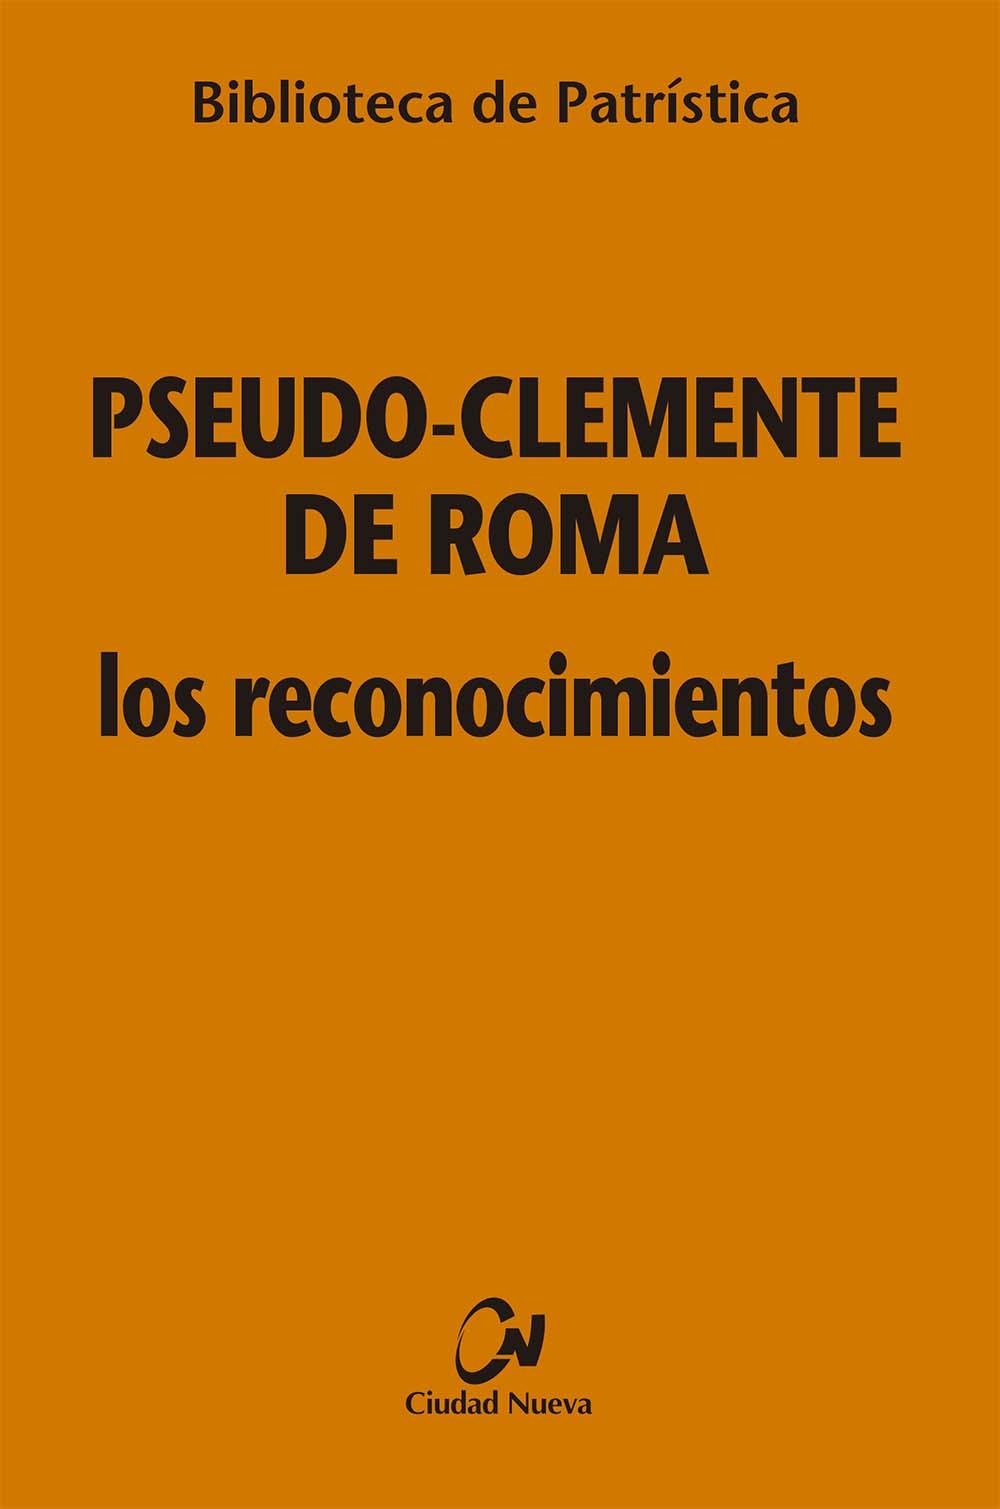 Pseudo-Clemente de Roma, Los reconocimientos